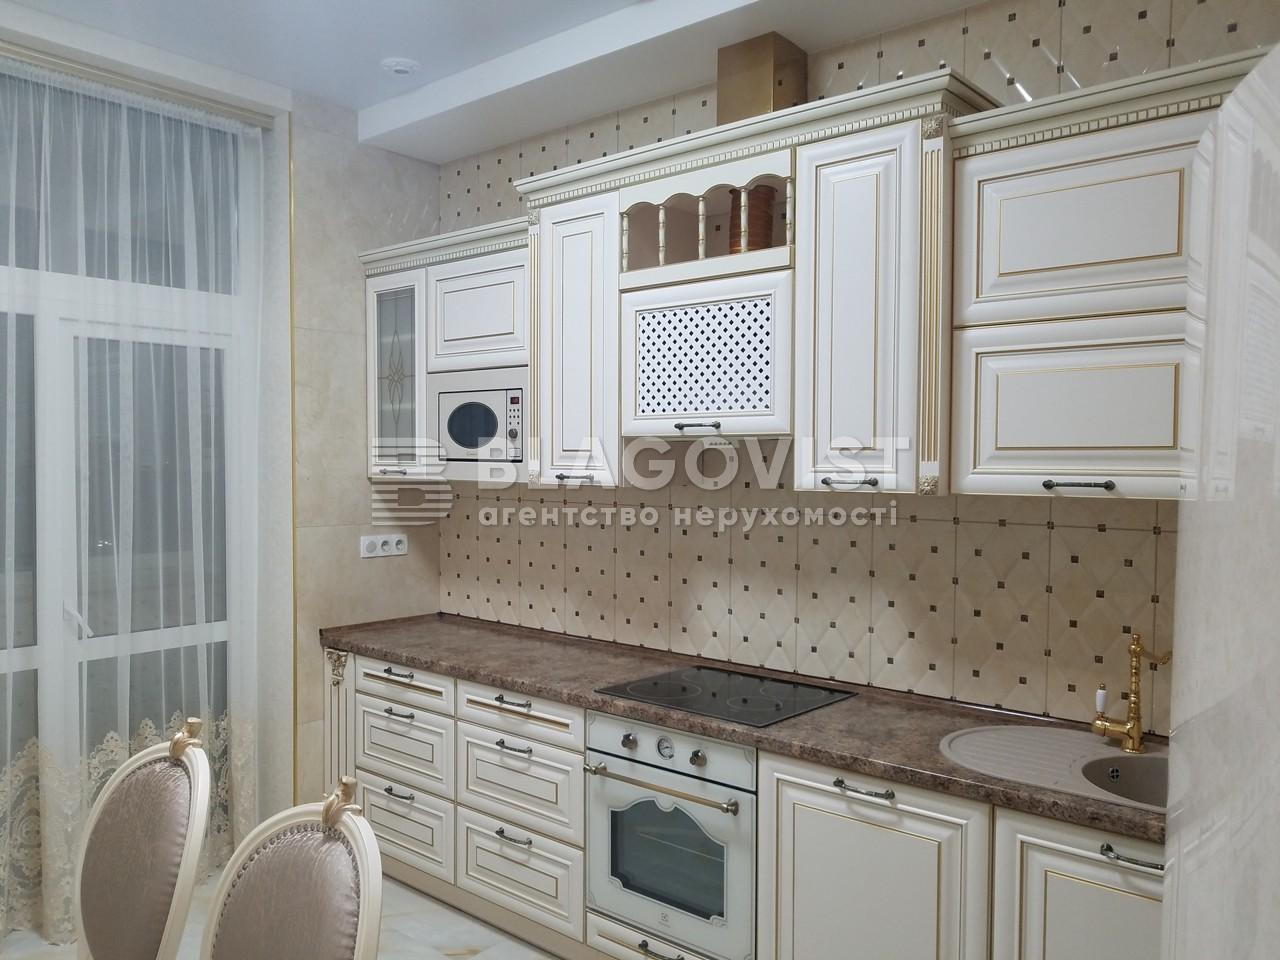 Квартира R-23485, Коновальца Евгения (Щорса), 34а, Киев - Фото 10